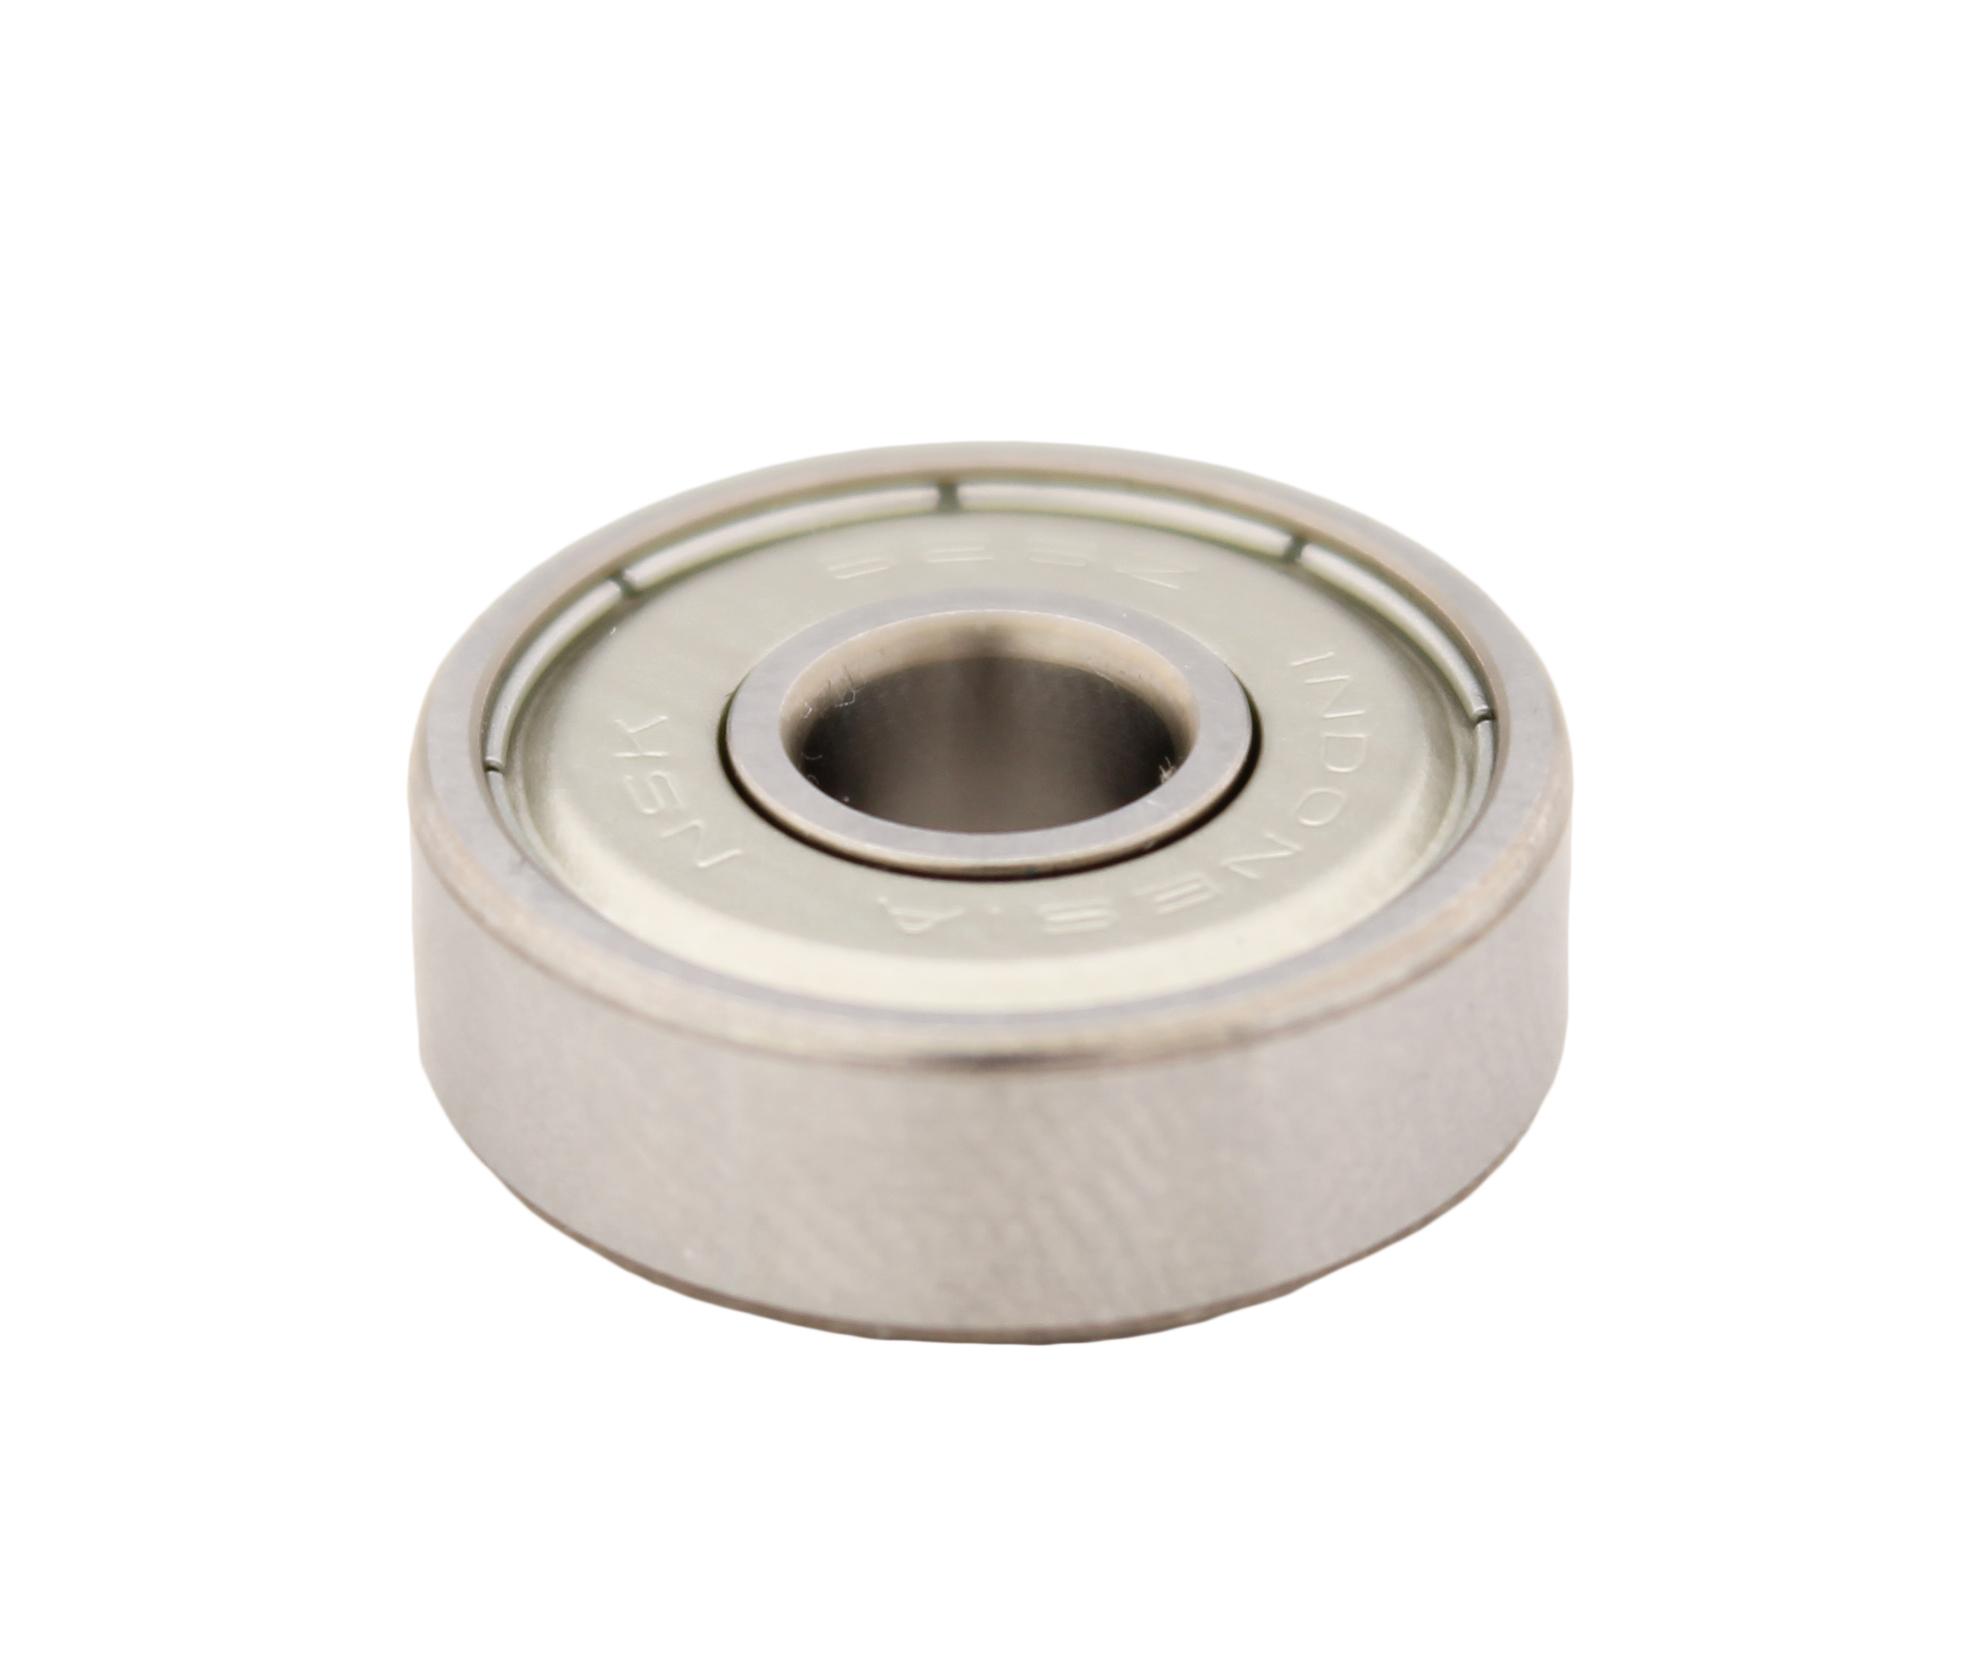 Rodamiento Diametro interior 6.00mm, Diametro exterior 19.00mm, Tipo bolas - Protección metálica  Este rodamiento tiene como accesorio un casquillo de goma para ajustar su instalación .